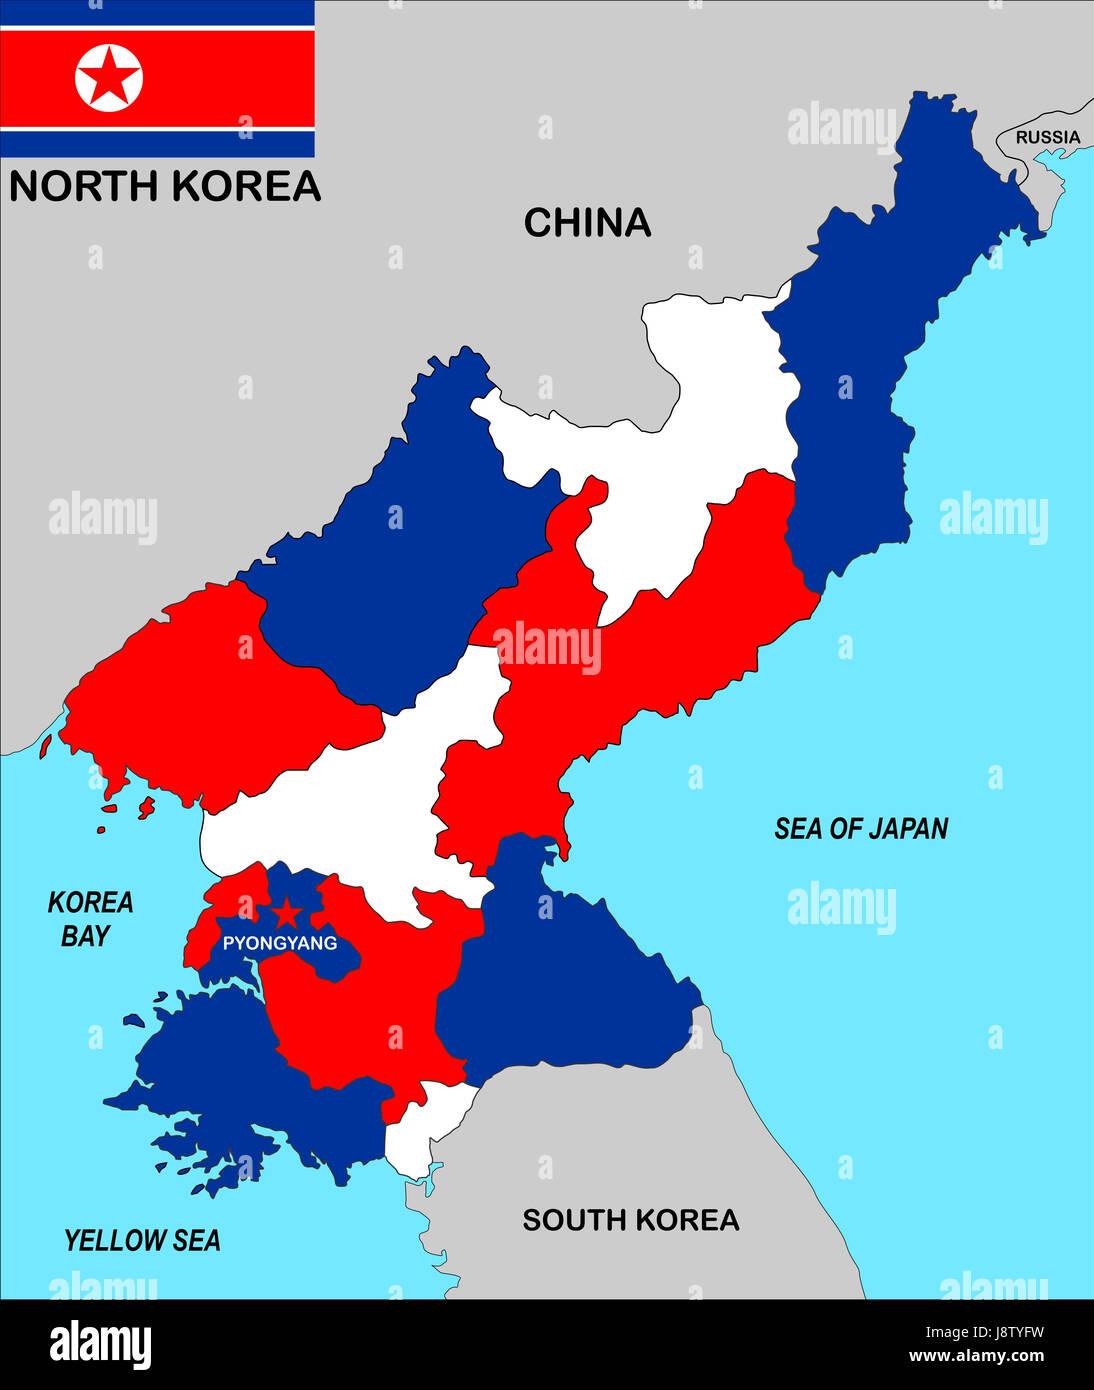 Cartina Mondo Corea.A Nord Corea Mappa Atlas Mappa Del Mondo Politico Nero Swarthy Foto Stock Alamy